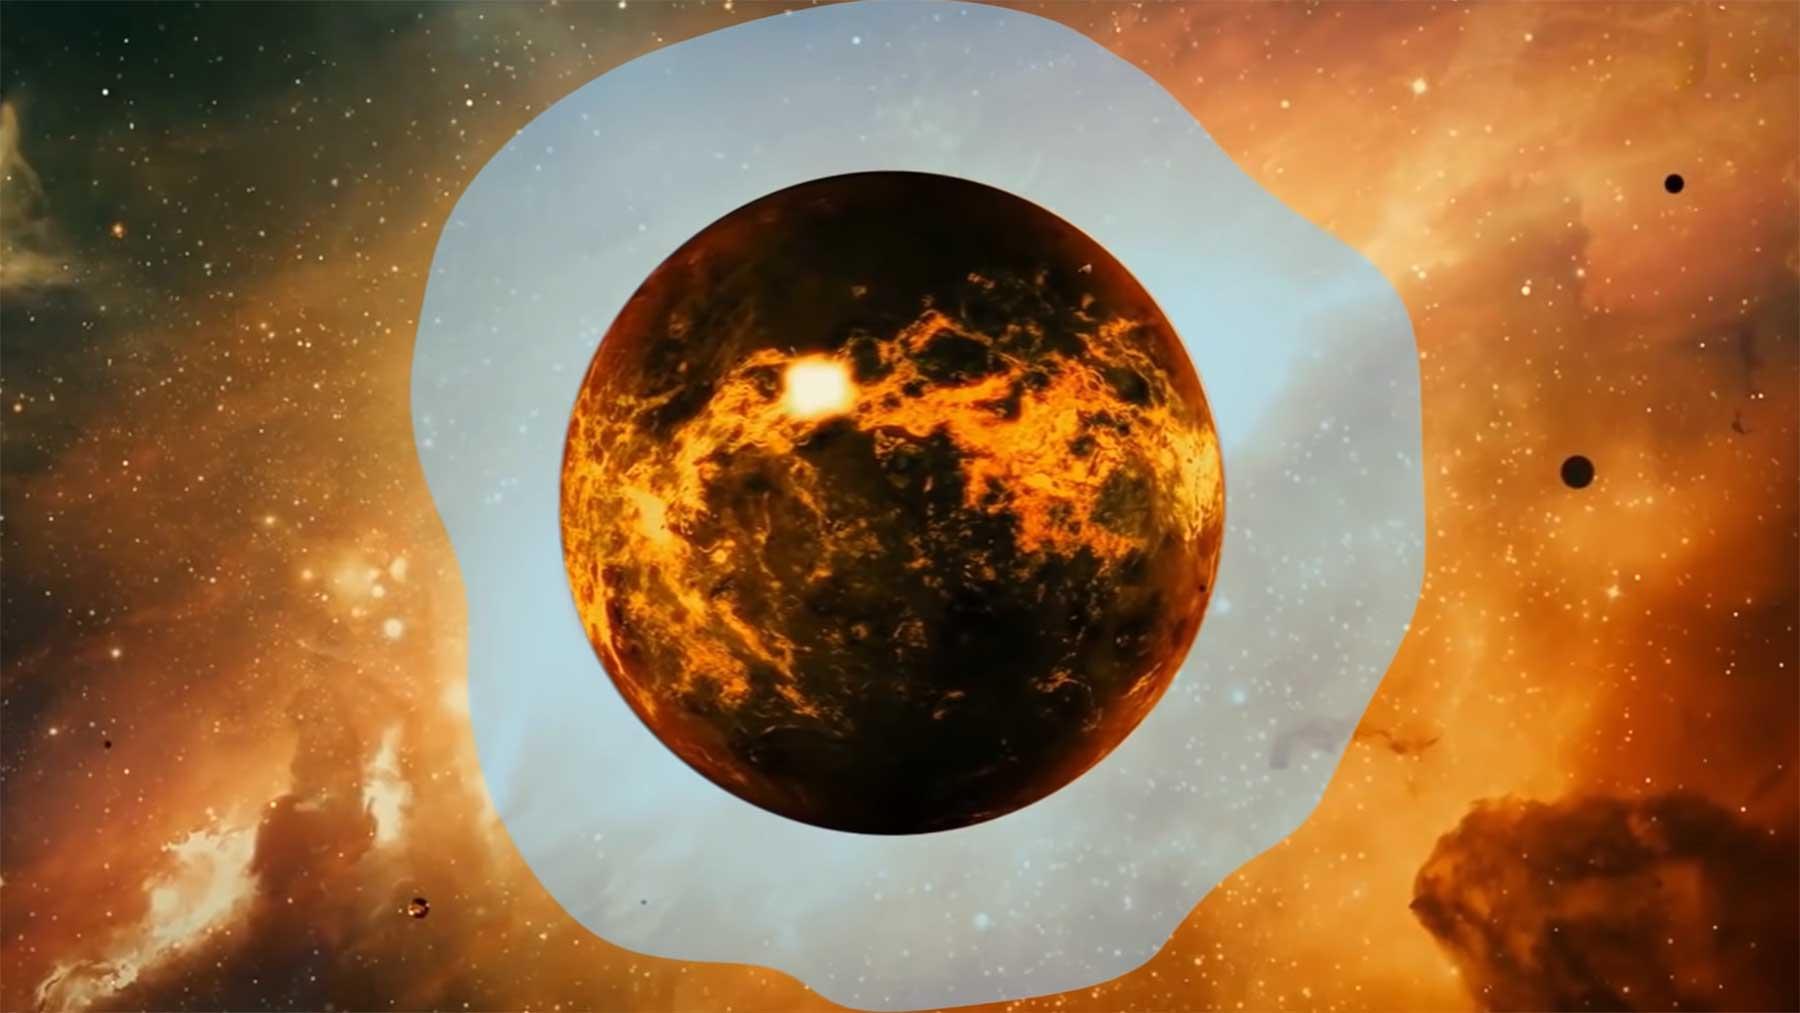 Die komplette Geschichte des Planeten in einem Tag erzählt